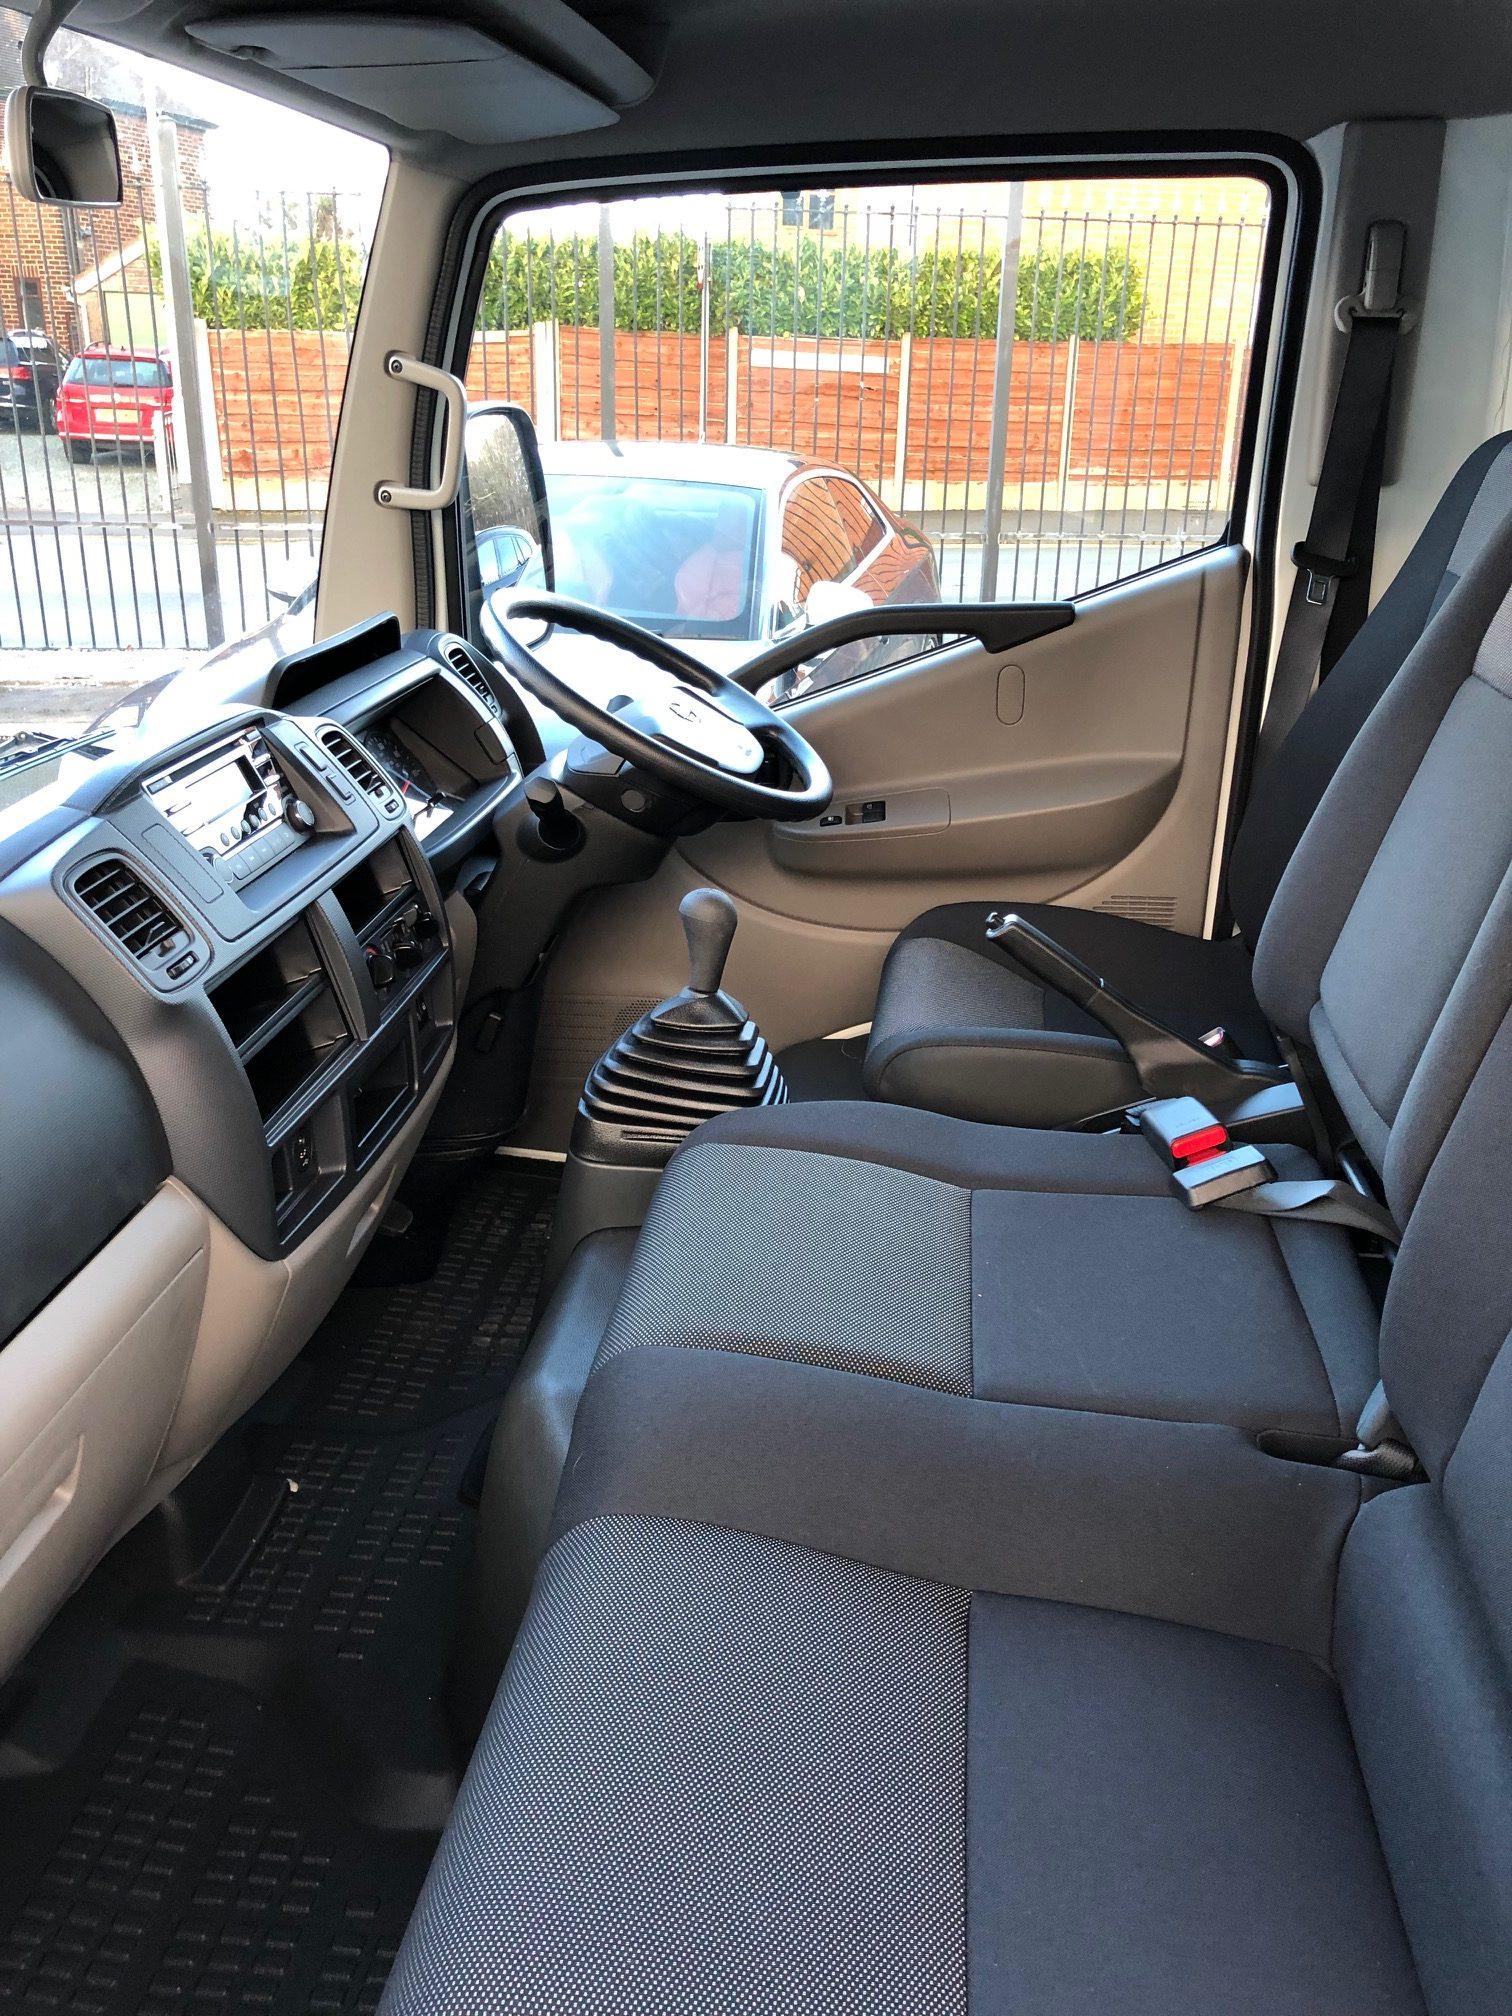 Nissan NT400 CABSTAR SWB DIESEL 34.13 dCi Dropside (Manual) Van Leasing Select Options